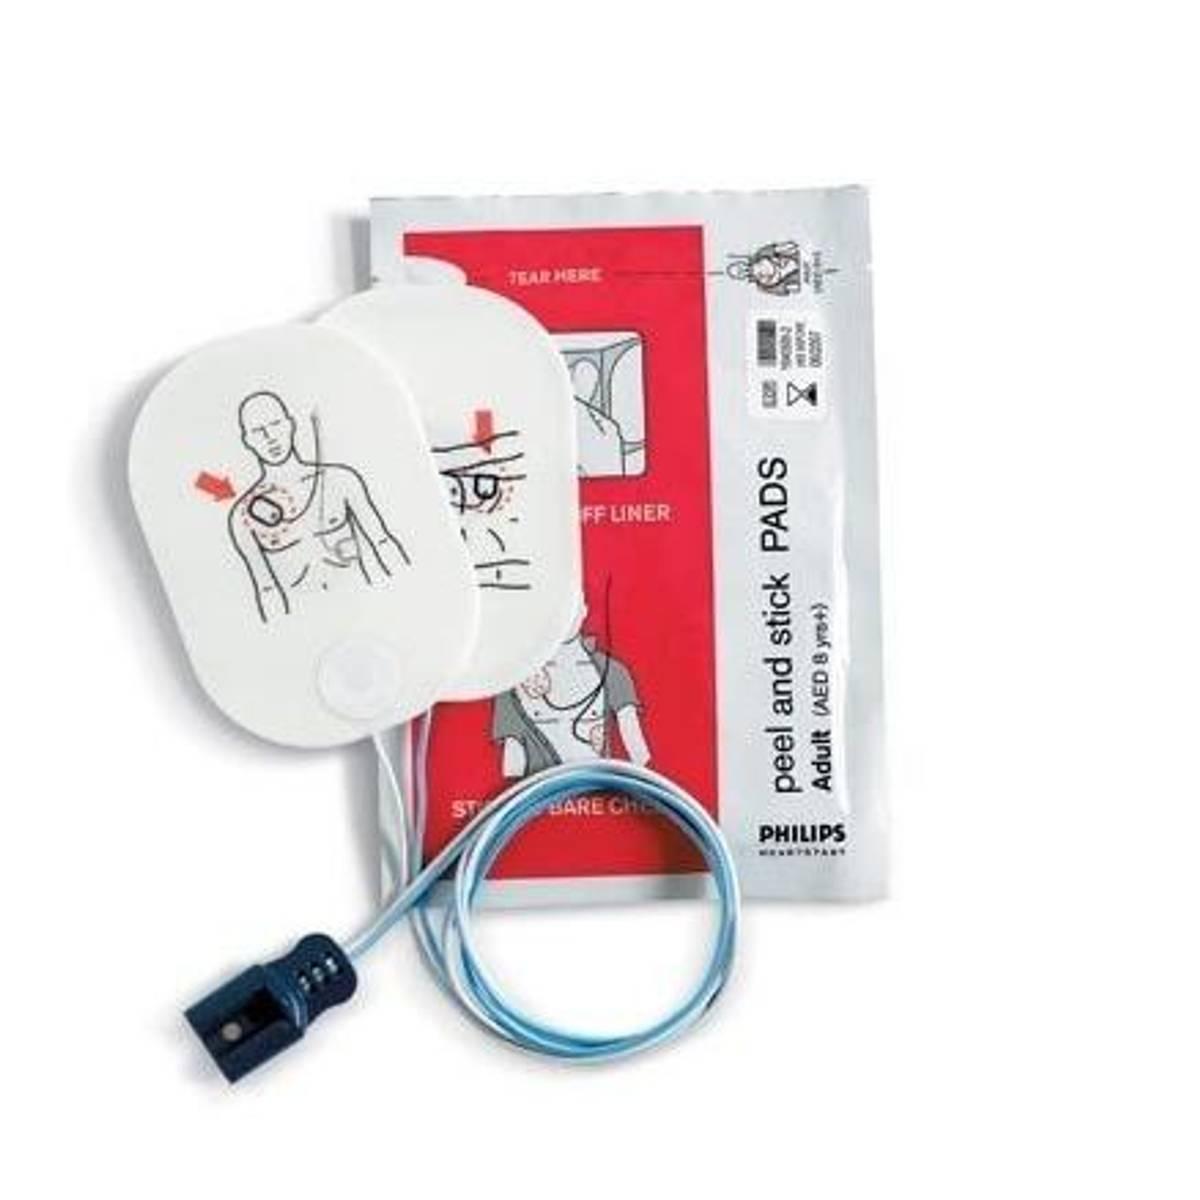 Philips Heartstart FR2 elektroder